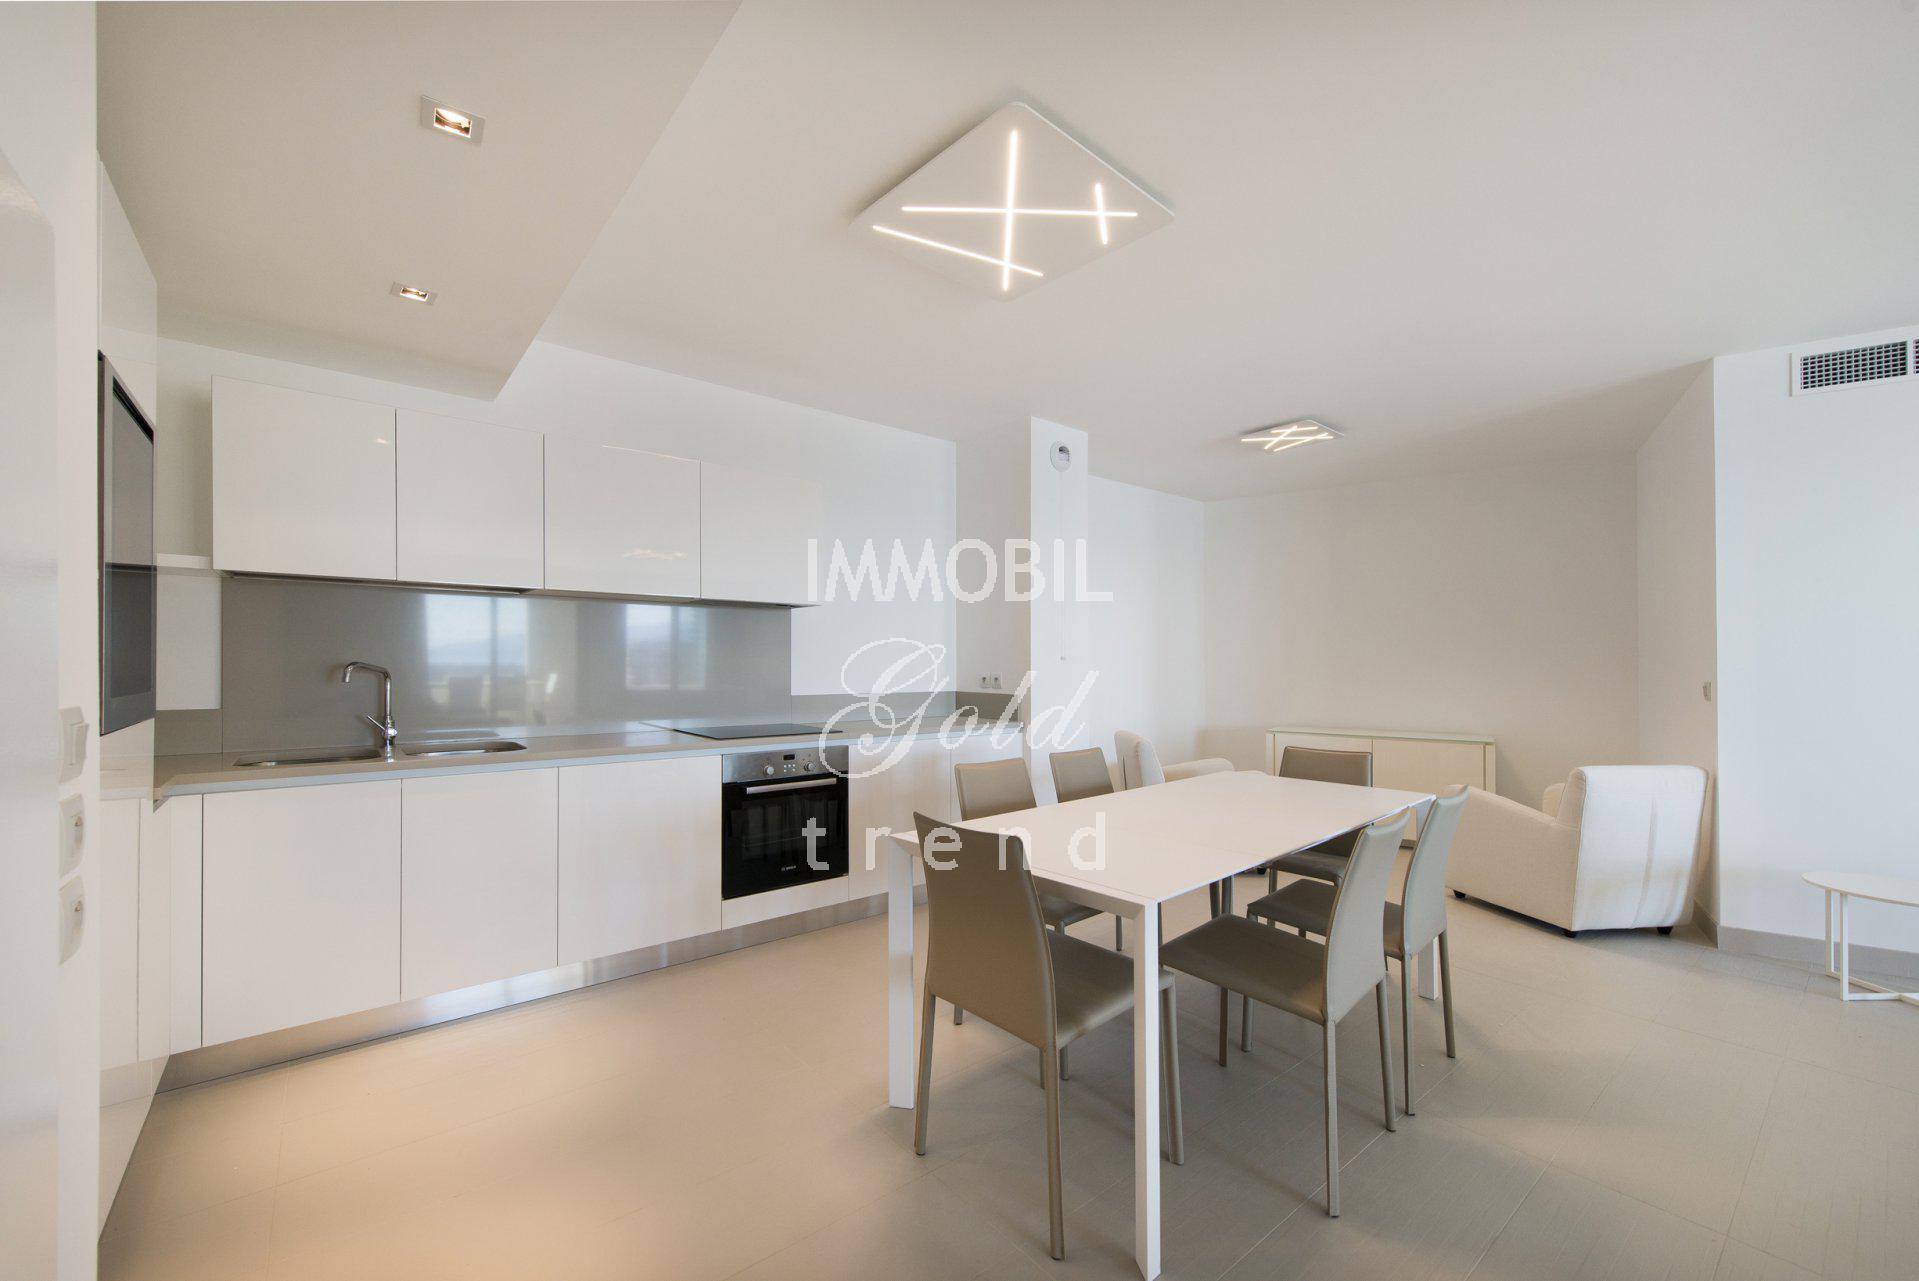 Immobiliare Beausoleil - In affitto, appartamento trilocale vicino a Monaco, con due terrazze, vista mare e parcheggio